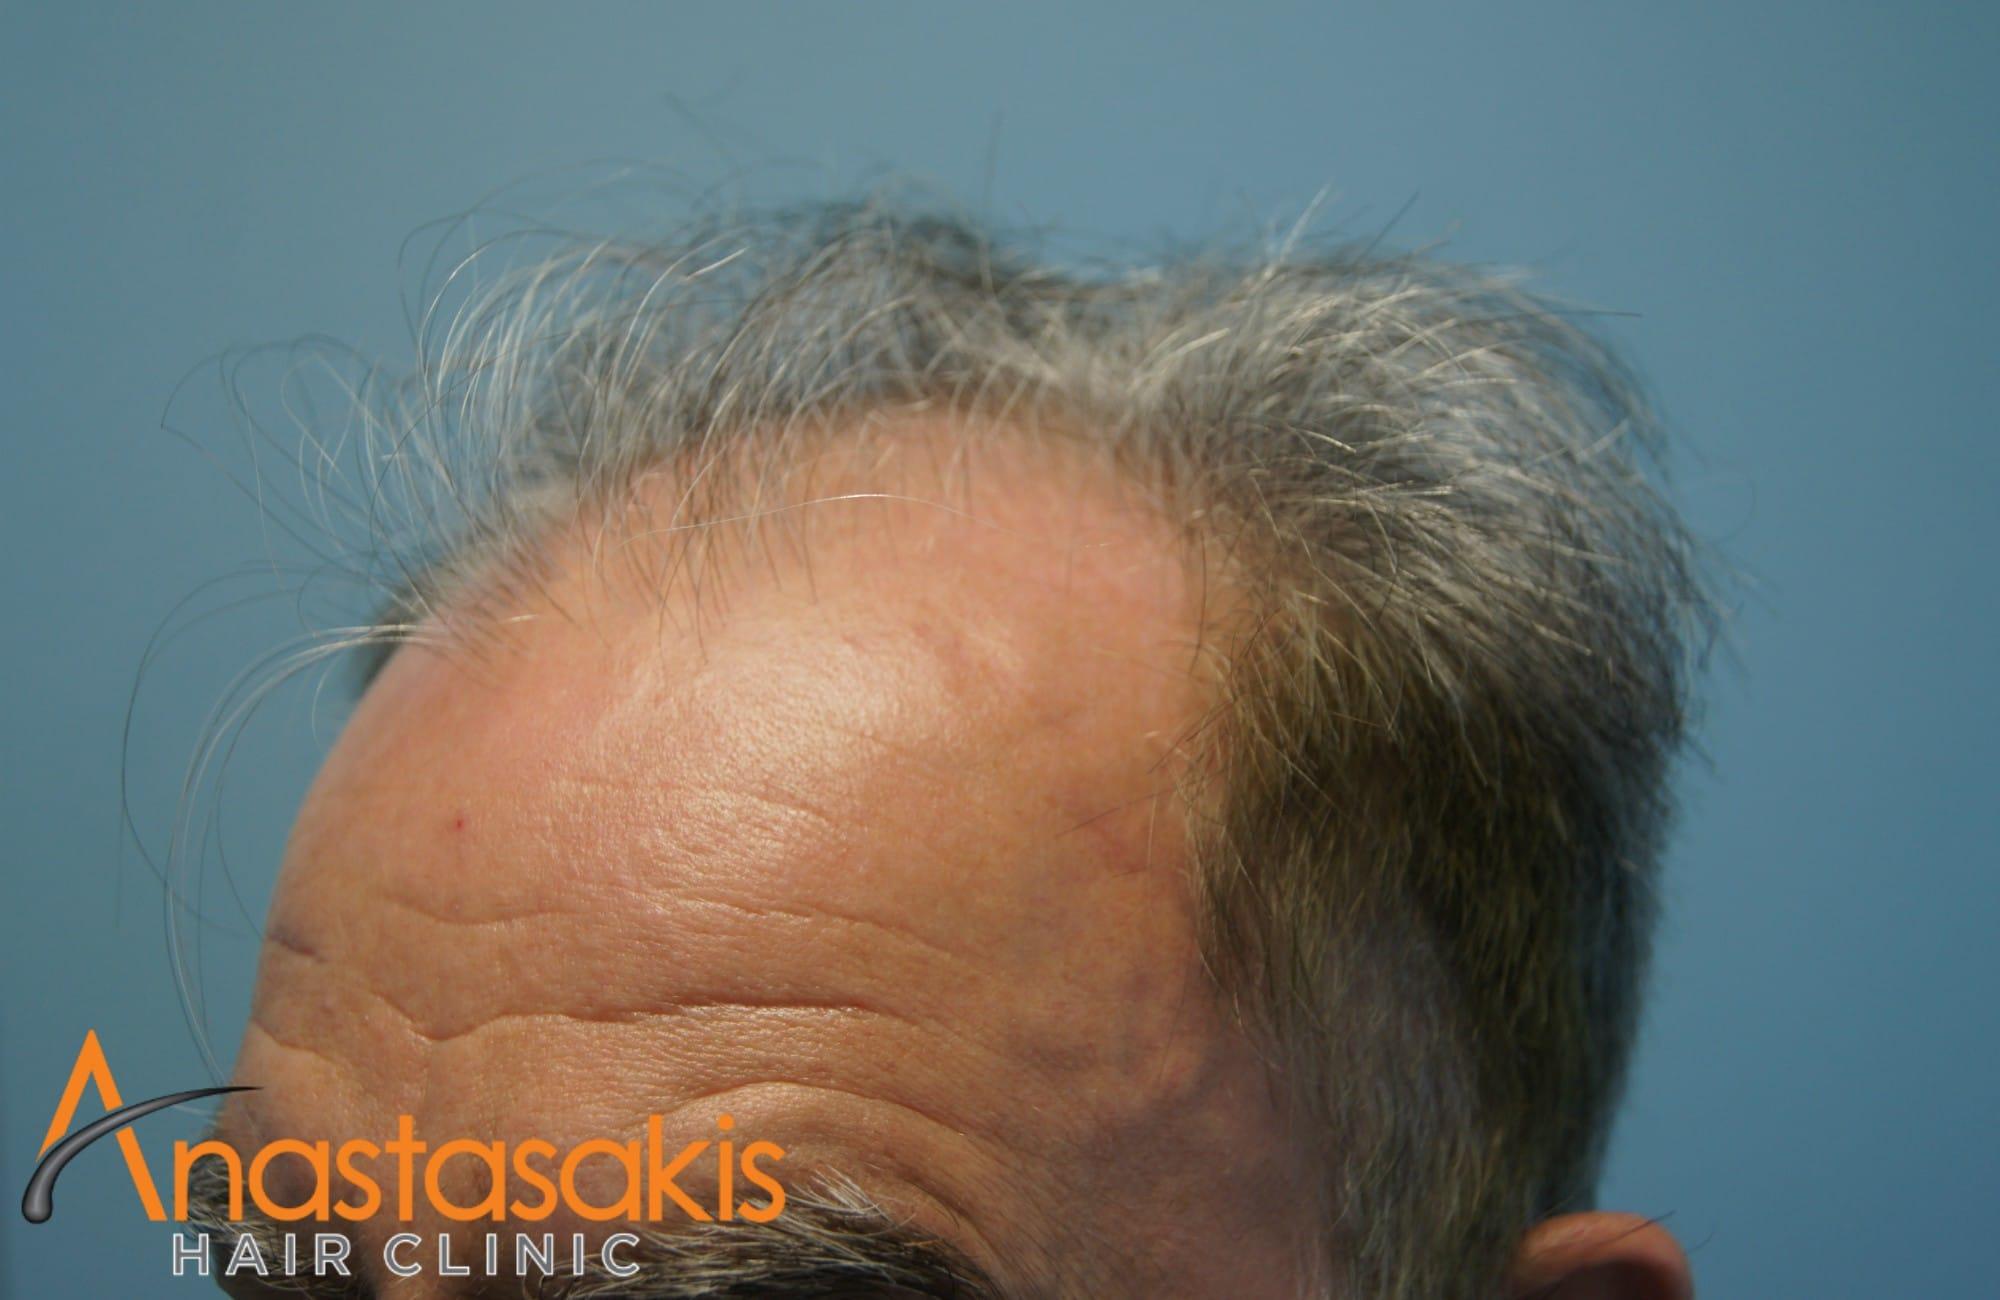 δεξι προφιλ 2 ασθενους πριν τη μεταμοσχευση μαλλιων με 3650 fus